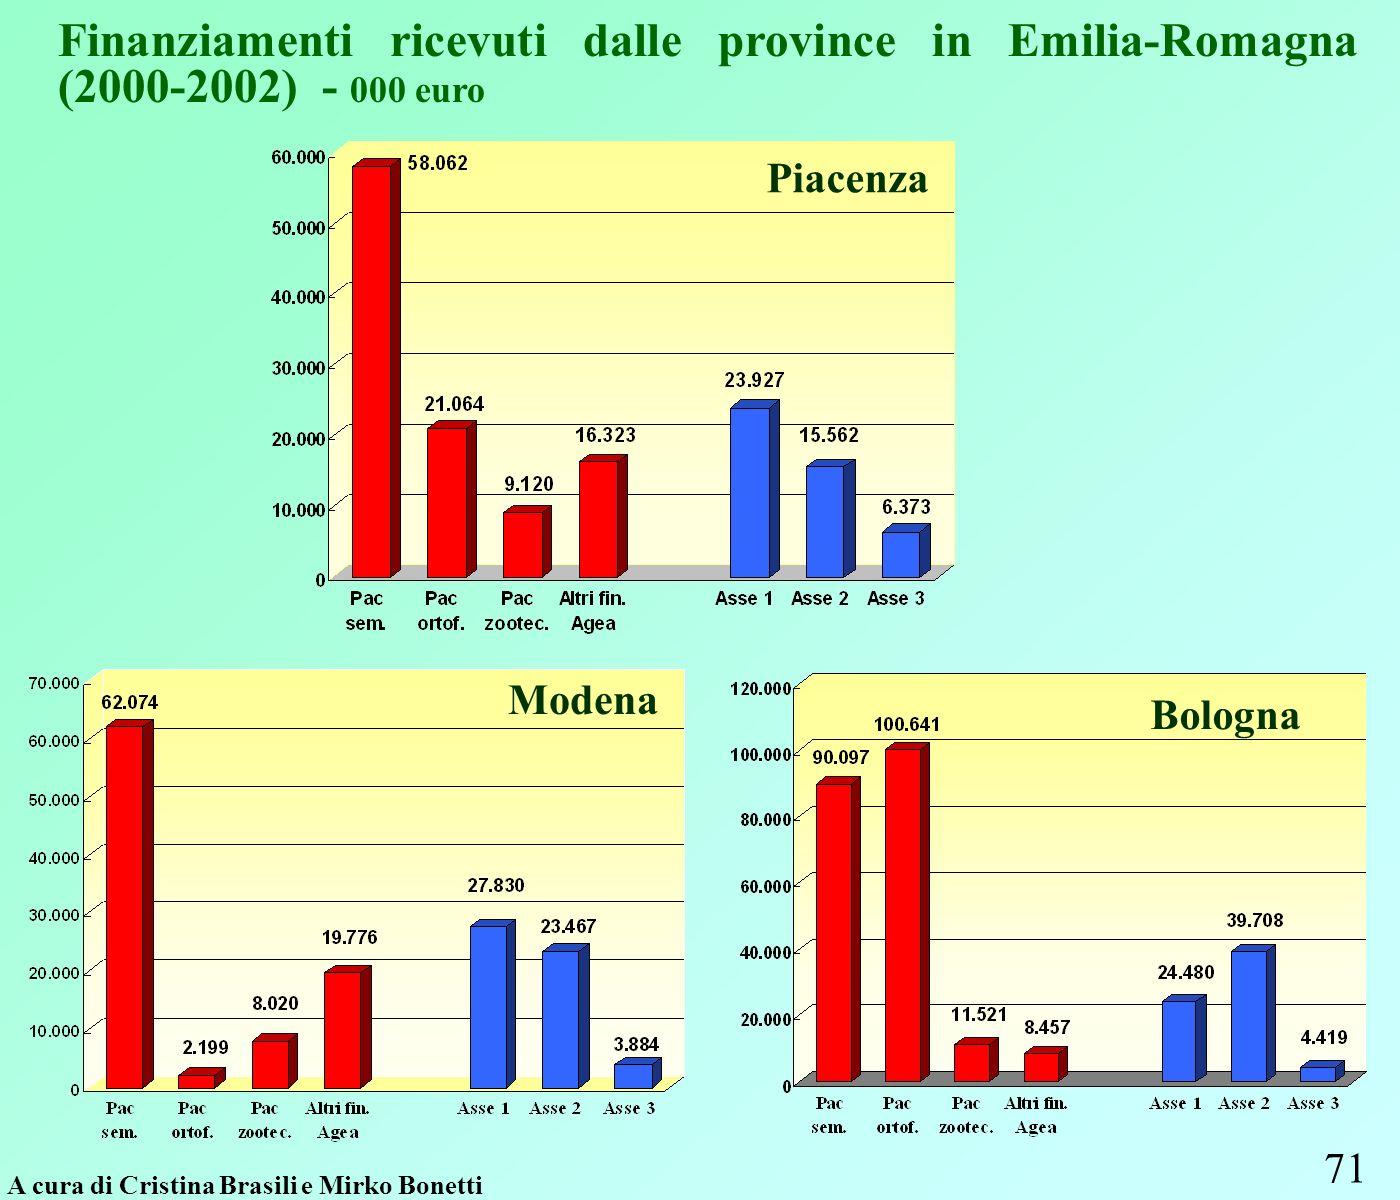 71 Finanziamenti ricevuti dalle province in Emilia-Romagna (2000-2002) - 000 euro A cura di Cristina Brasili e Mirko Bonetti Modena Bologna Piacenza